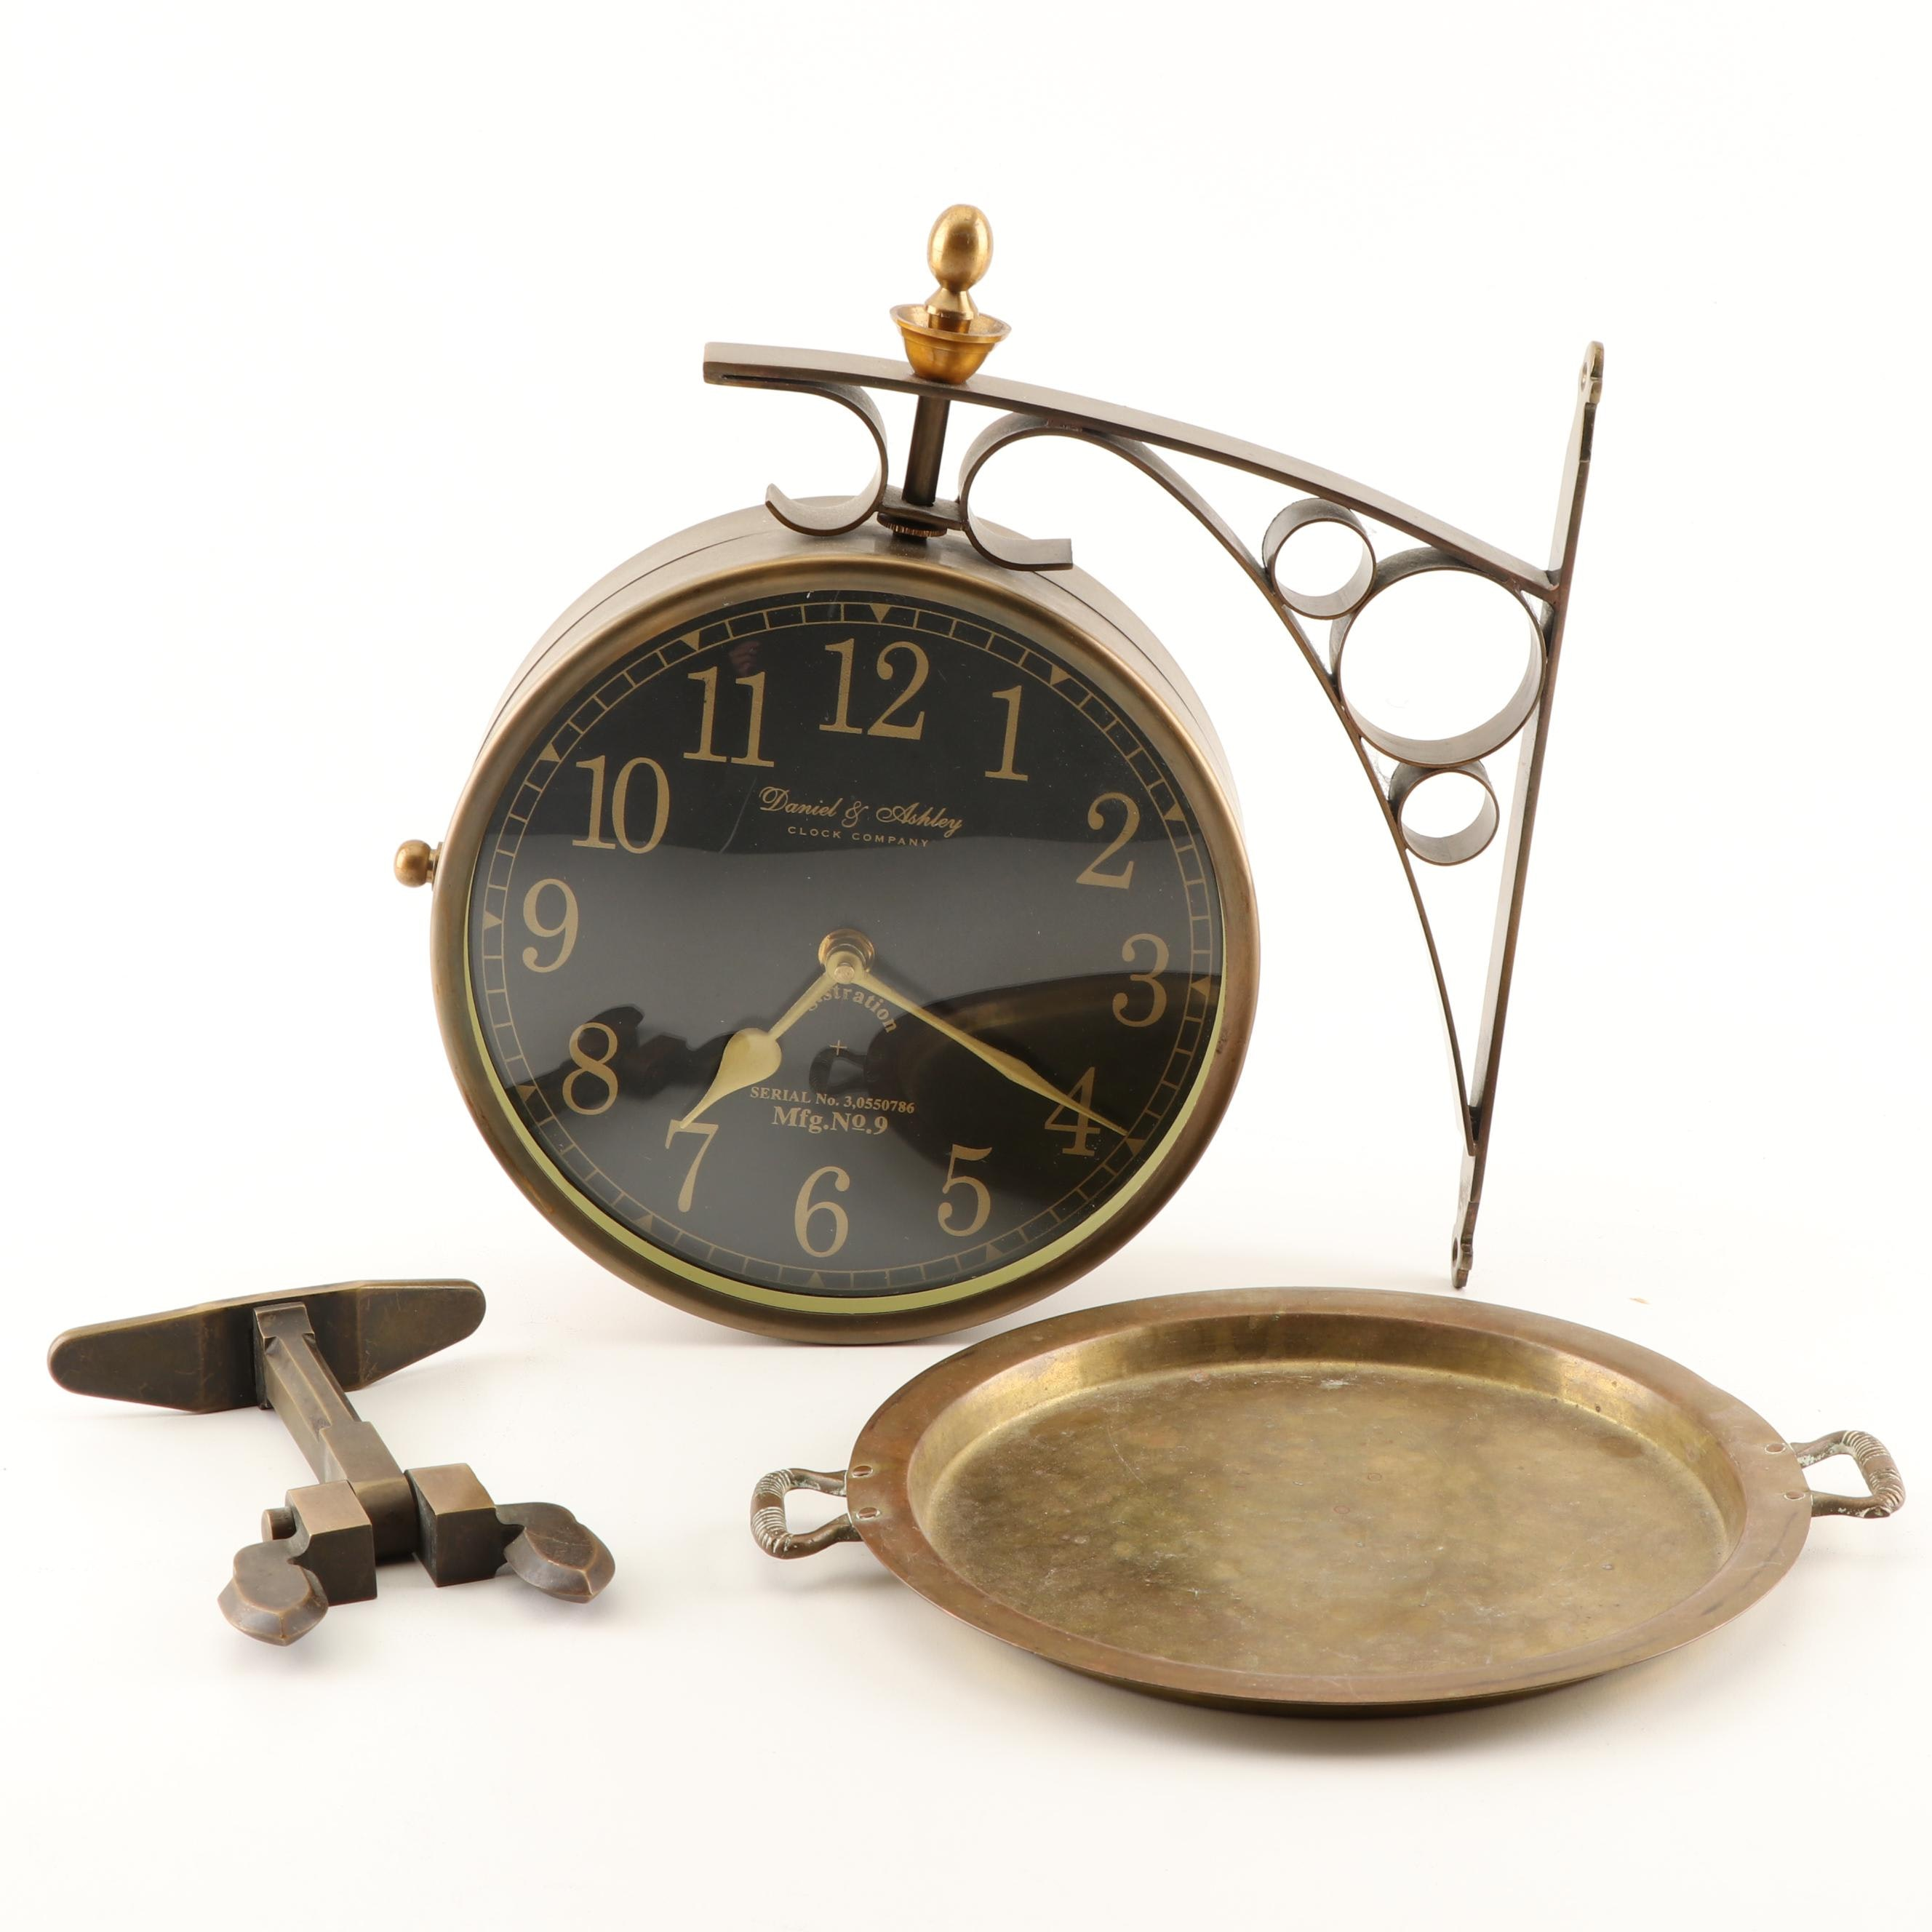 Daniel & Ashley Wall Clock and Decor